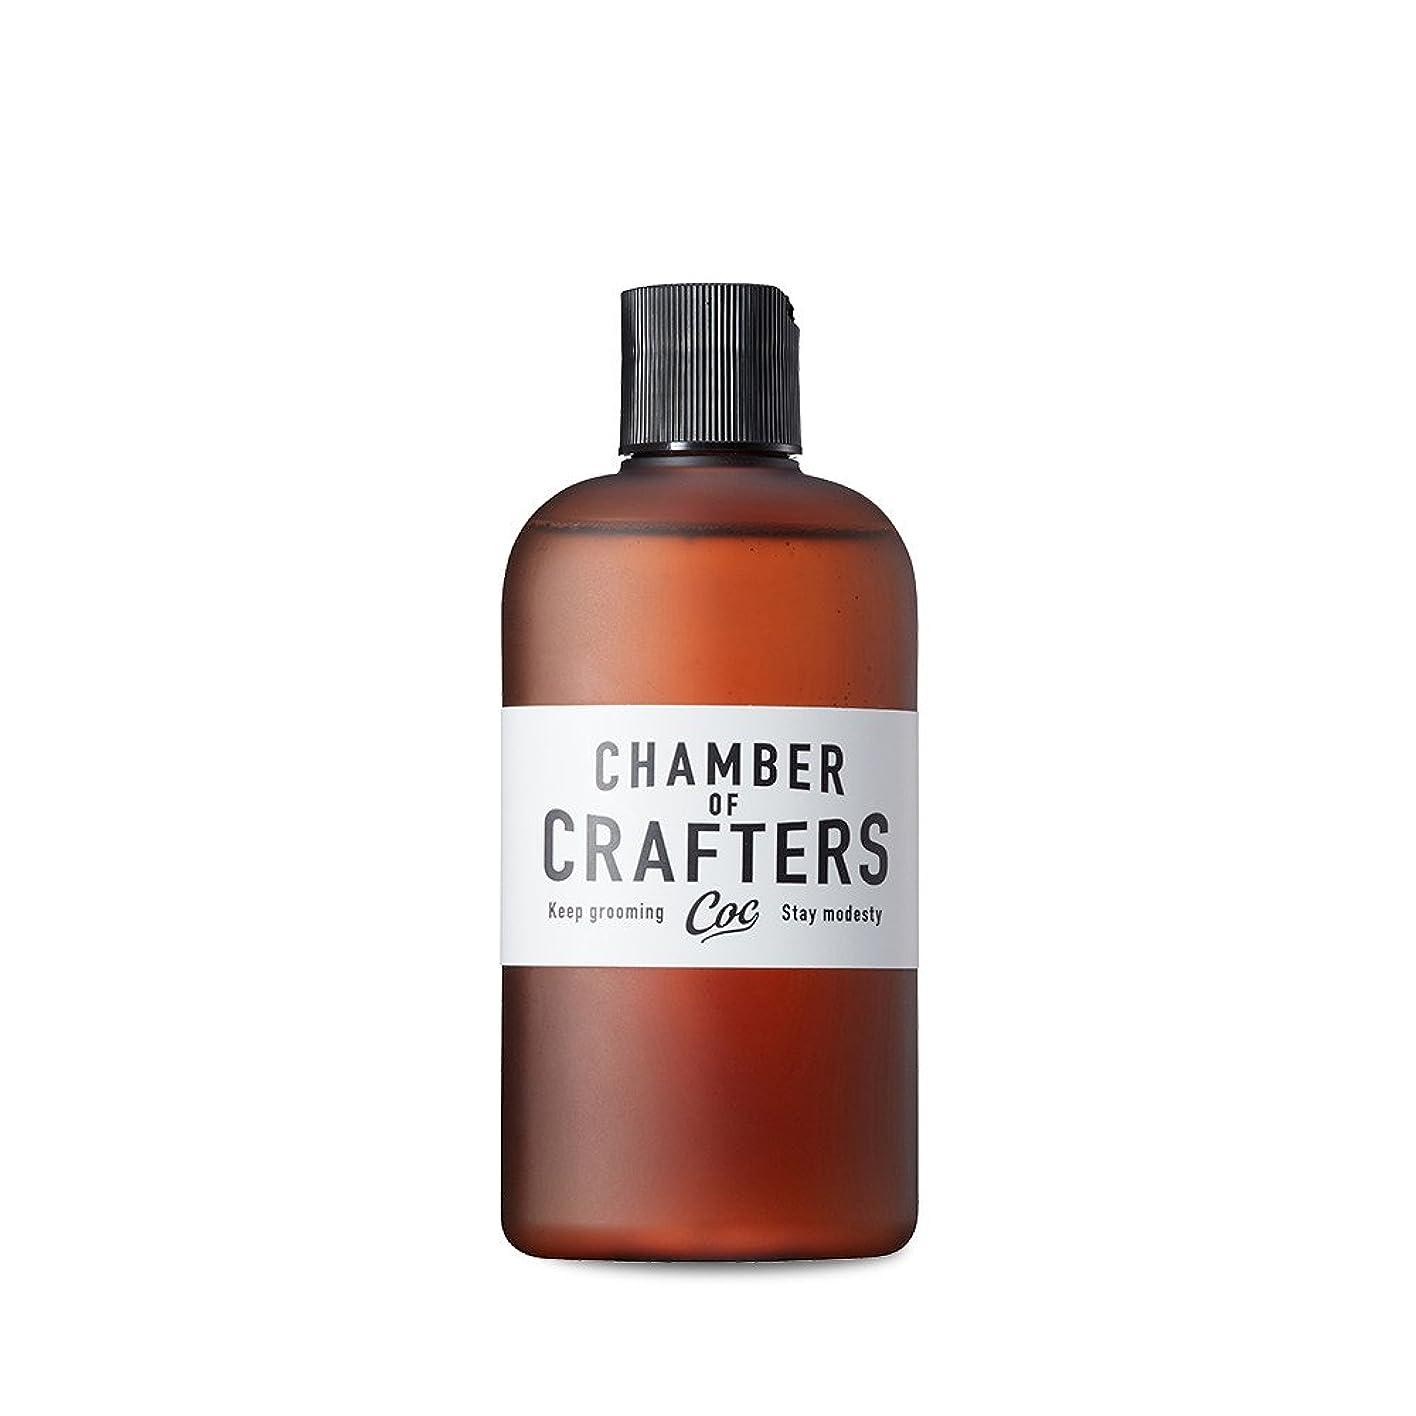 漂流させるトーナメントCHAMBER OF CRAFTERS チェンバーオブクラフターズ スキンローション 化粧水 180mL